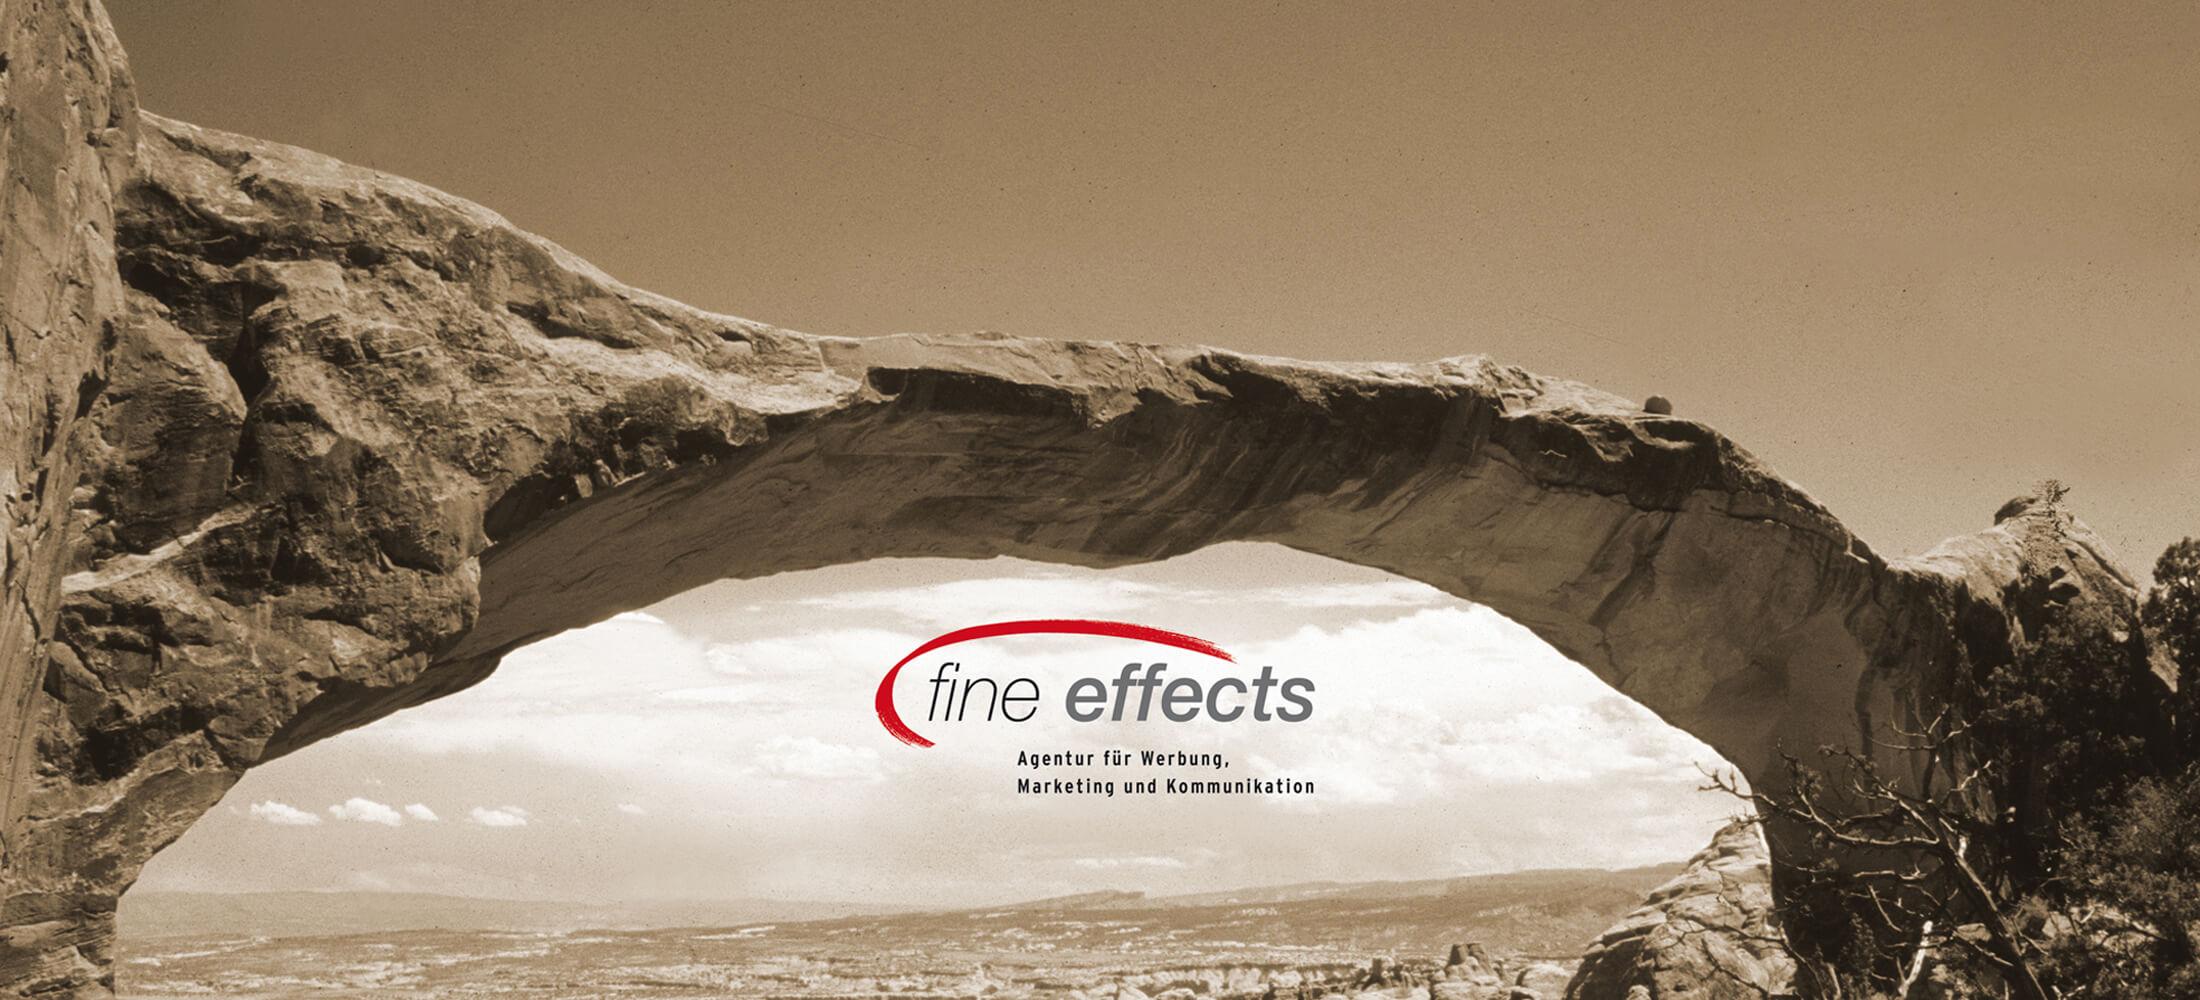 Spannungsbogen mit Logo fine effects und eingeblendeter Schrift